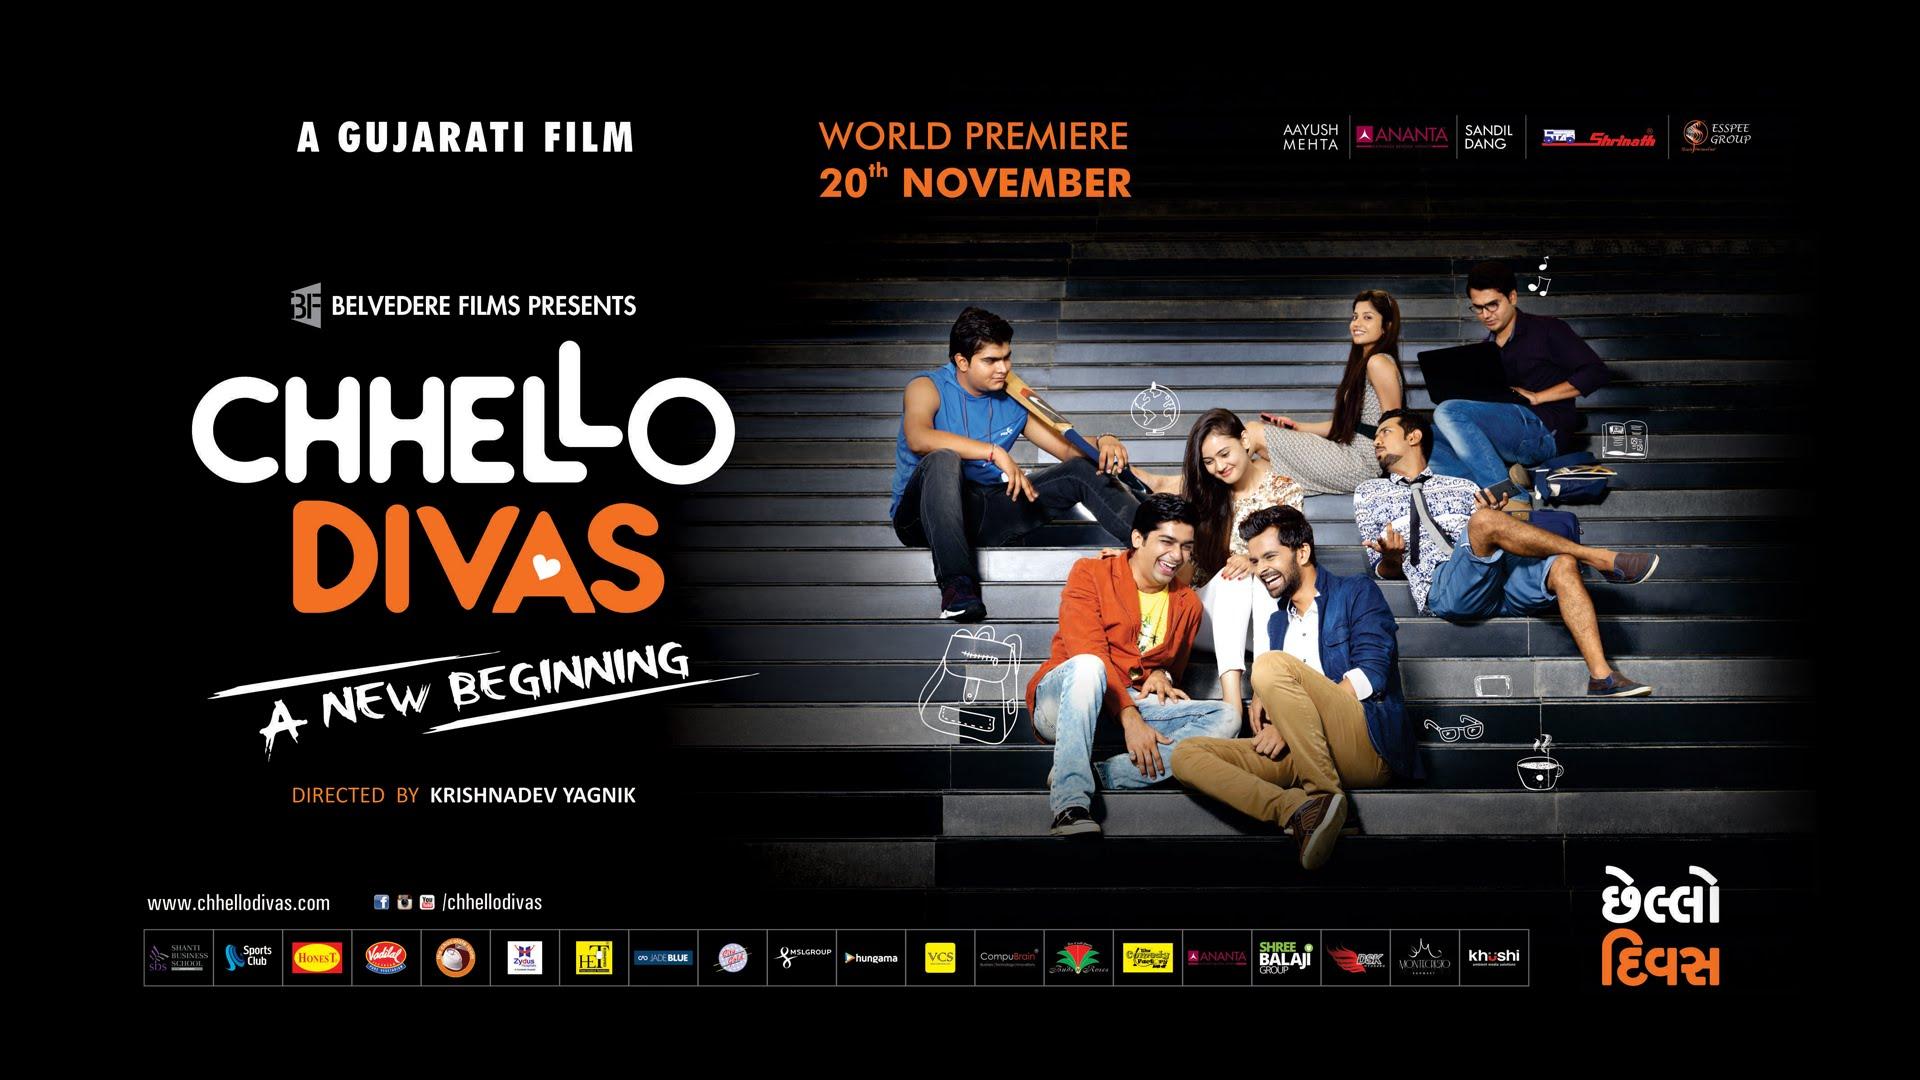 Chhello Divas Full Movie Part 1 Online Watch Chello Divas